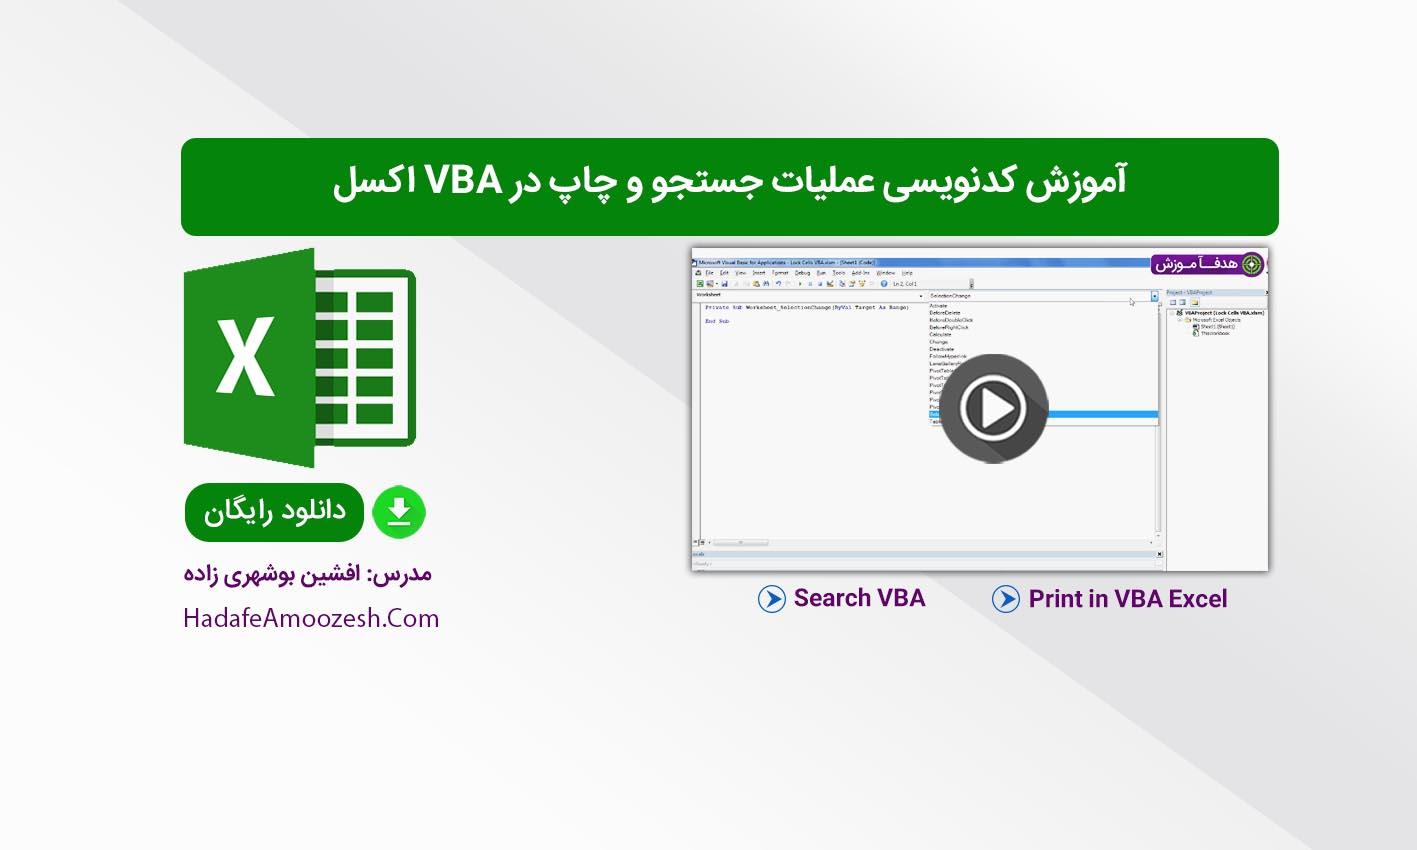 جستجو کردن در VBA اکسل